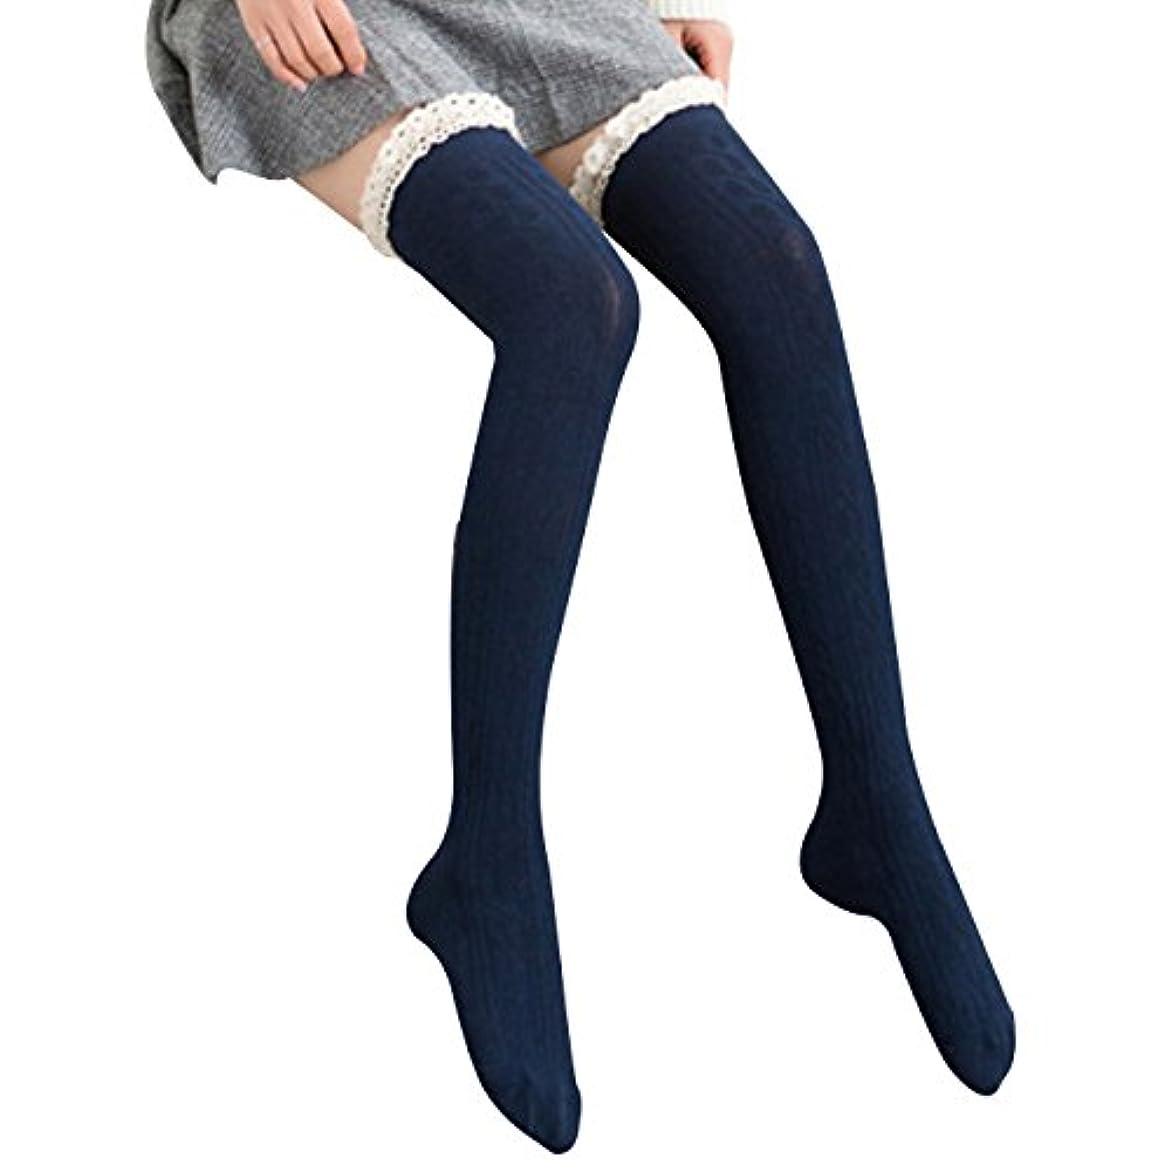 宣言改修ポインタオーバーニーソックス 美脚 着圧 スッキリ サイハイソックス ニーハイ ストッキング ロングソックス レディース 靴下 かわいい